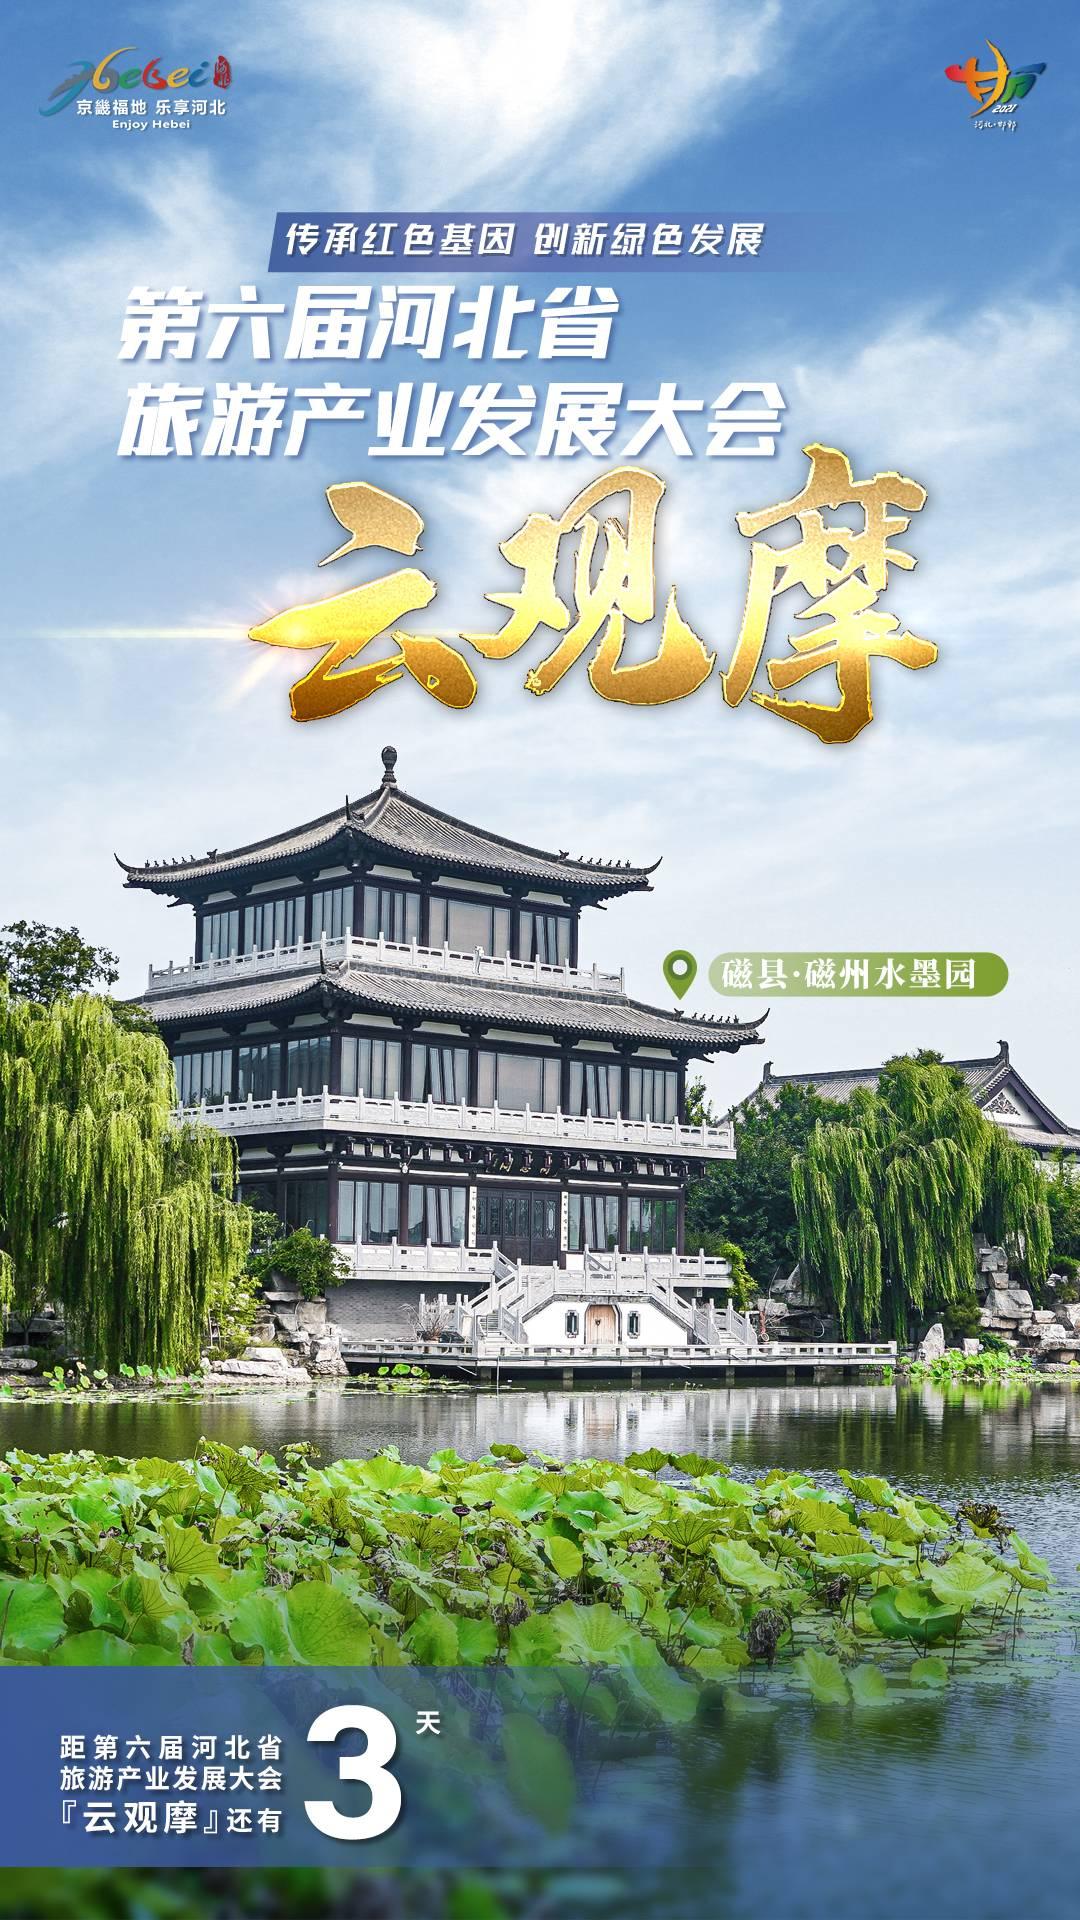 倒计时3天 | 第六届河北省旅游产业发展大会云观摩